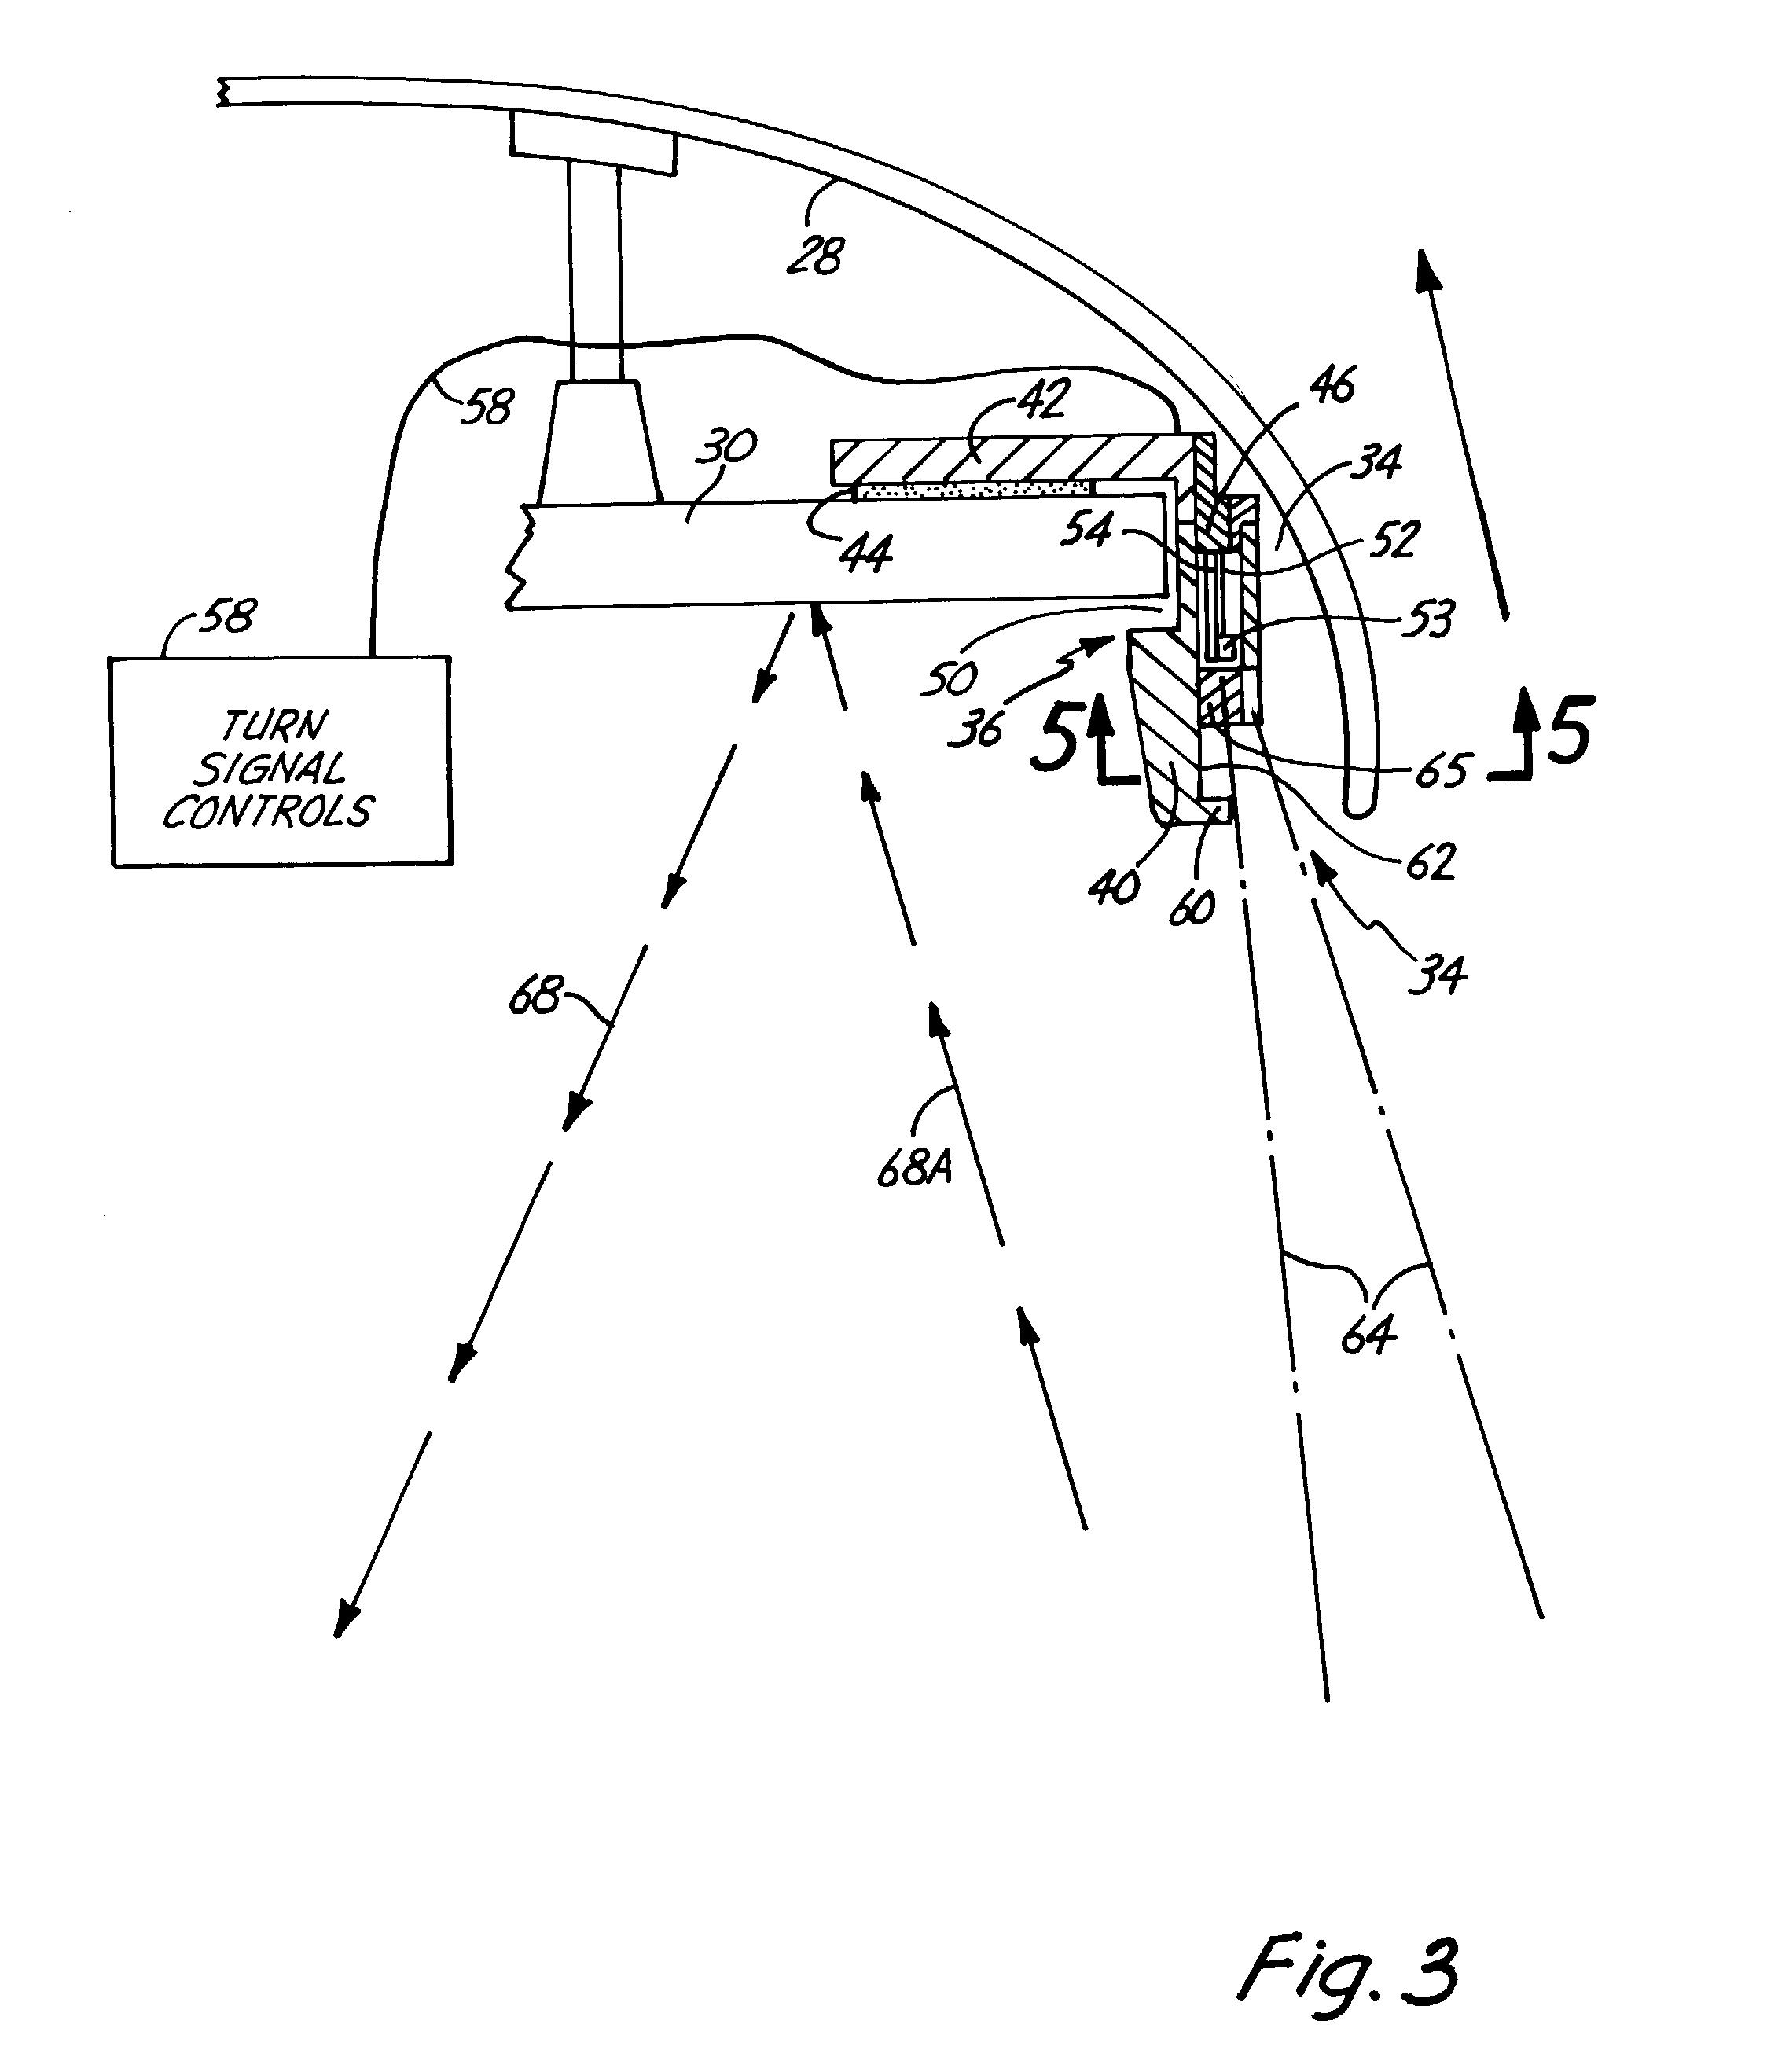 suzuki rv 125 wiring diagram  suzuki  free engine image